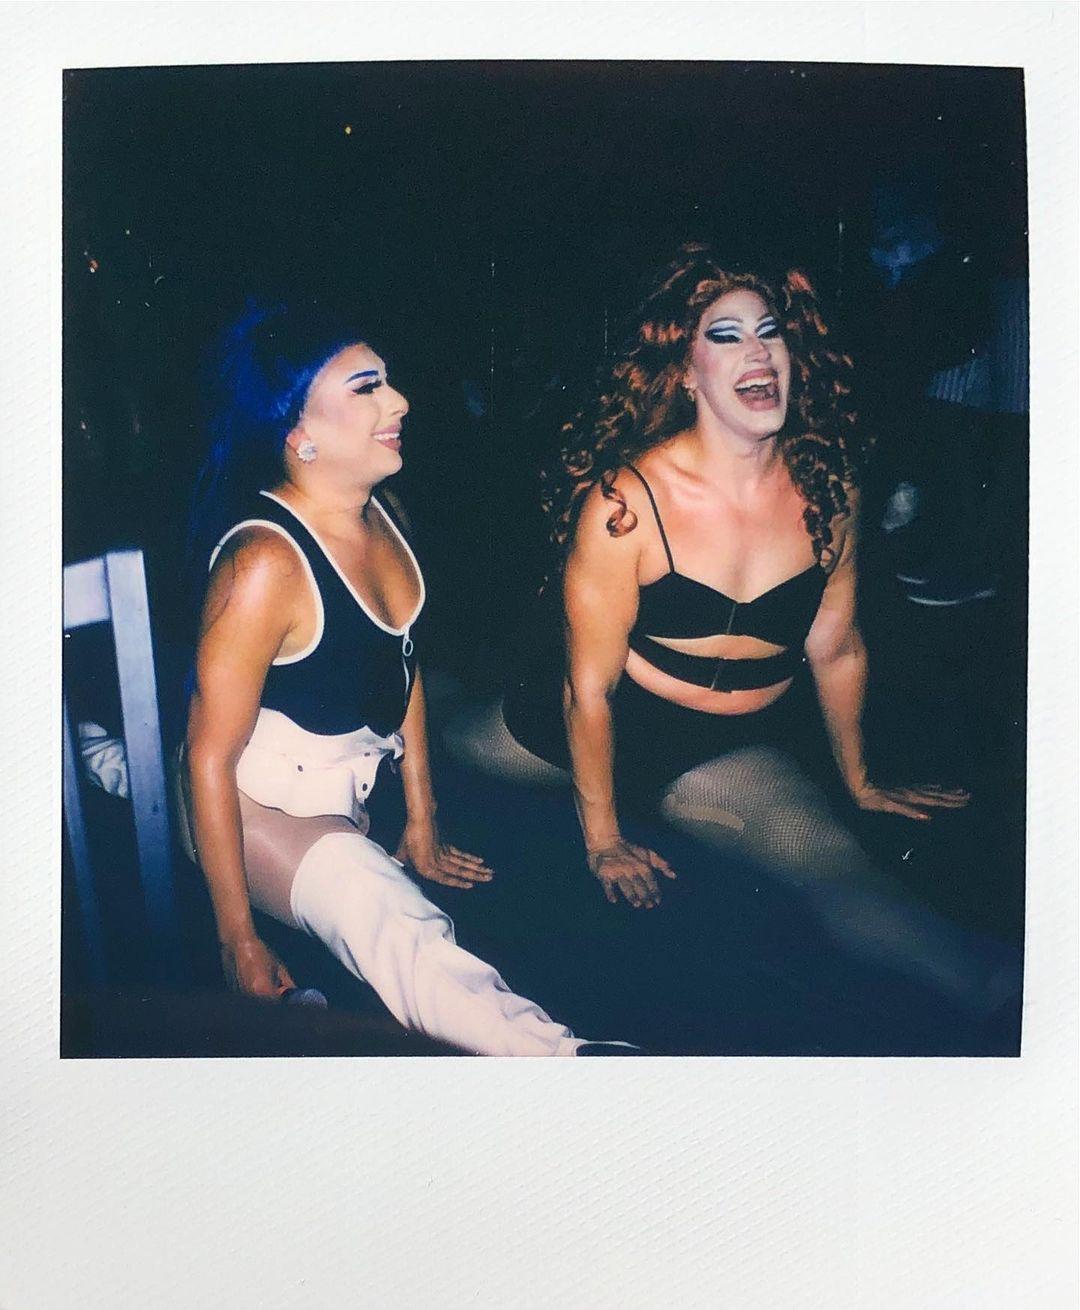 Ryan Rudewicz polaroid drag queens